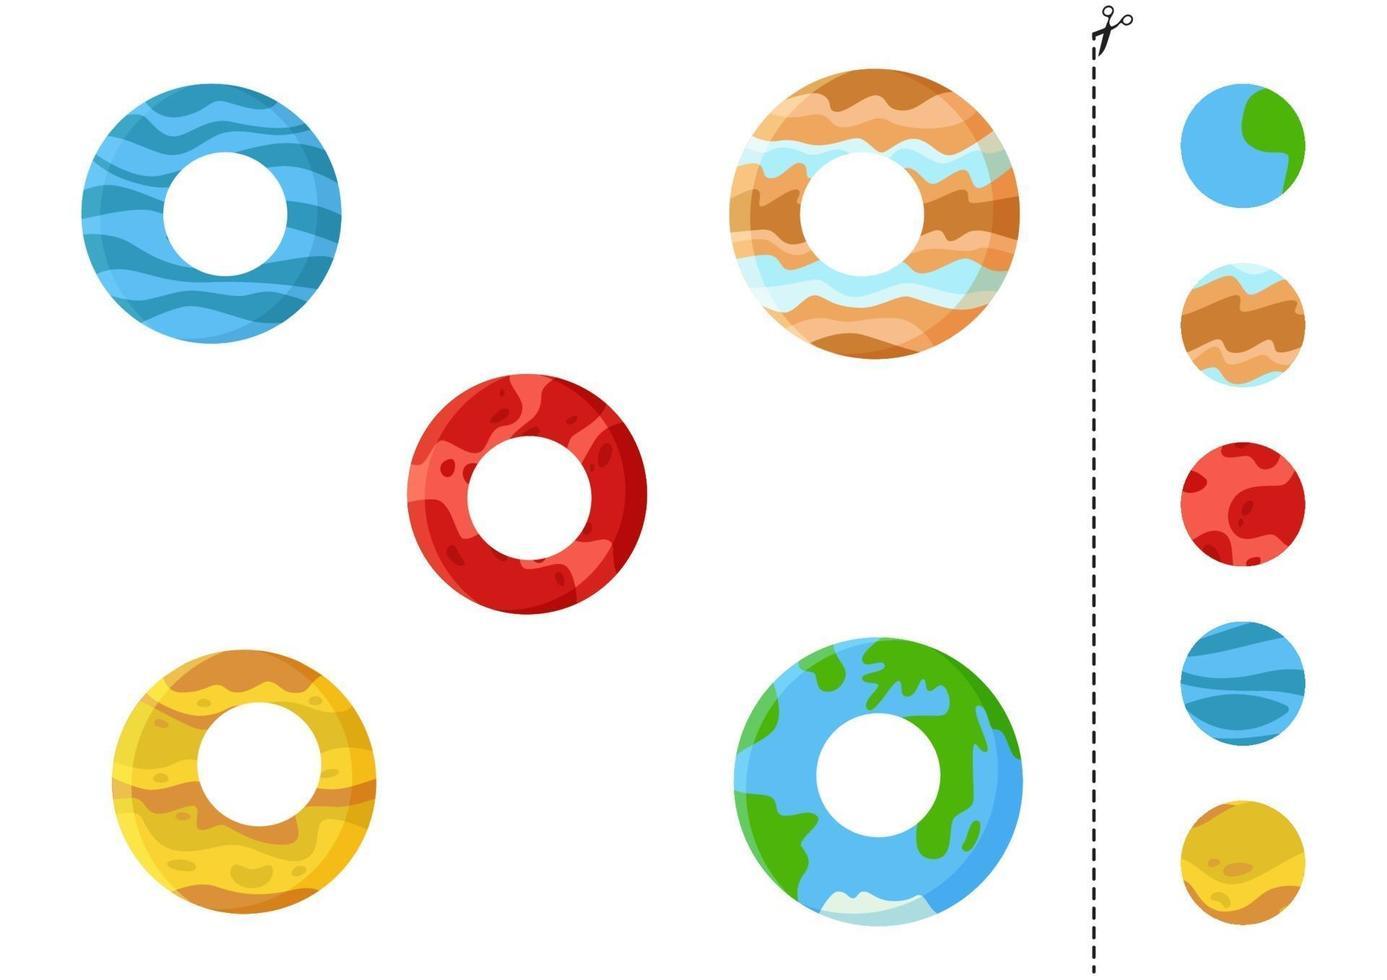 juego de cortar y pegar para niños. planetas de dibujos animados. vector